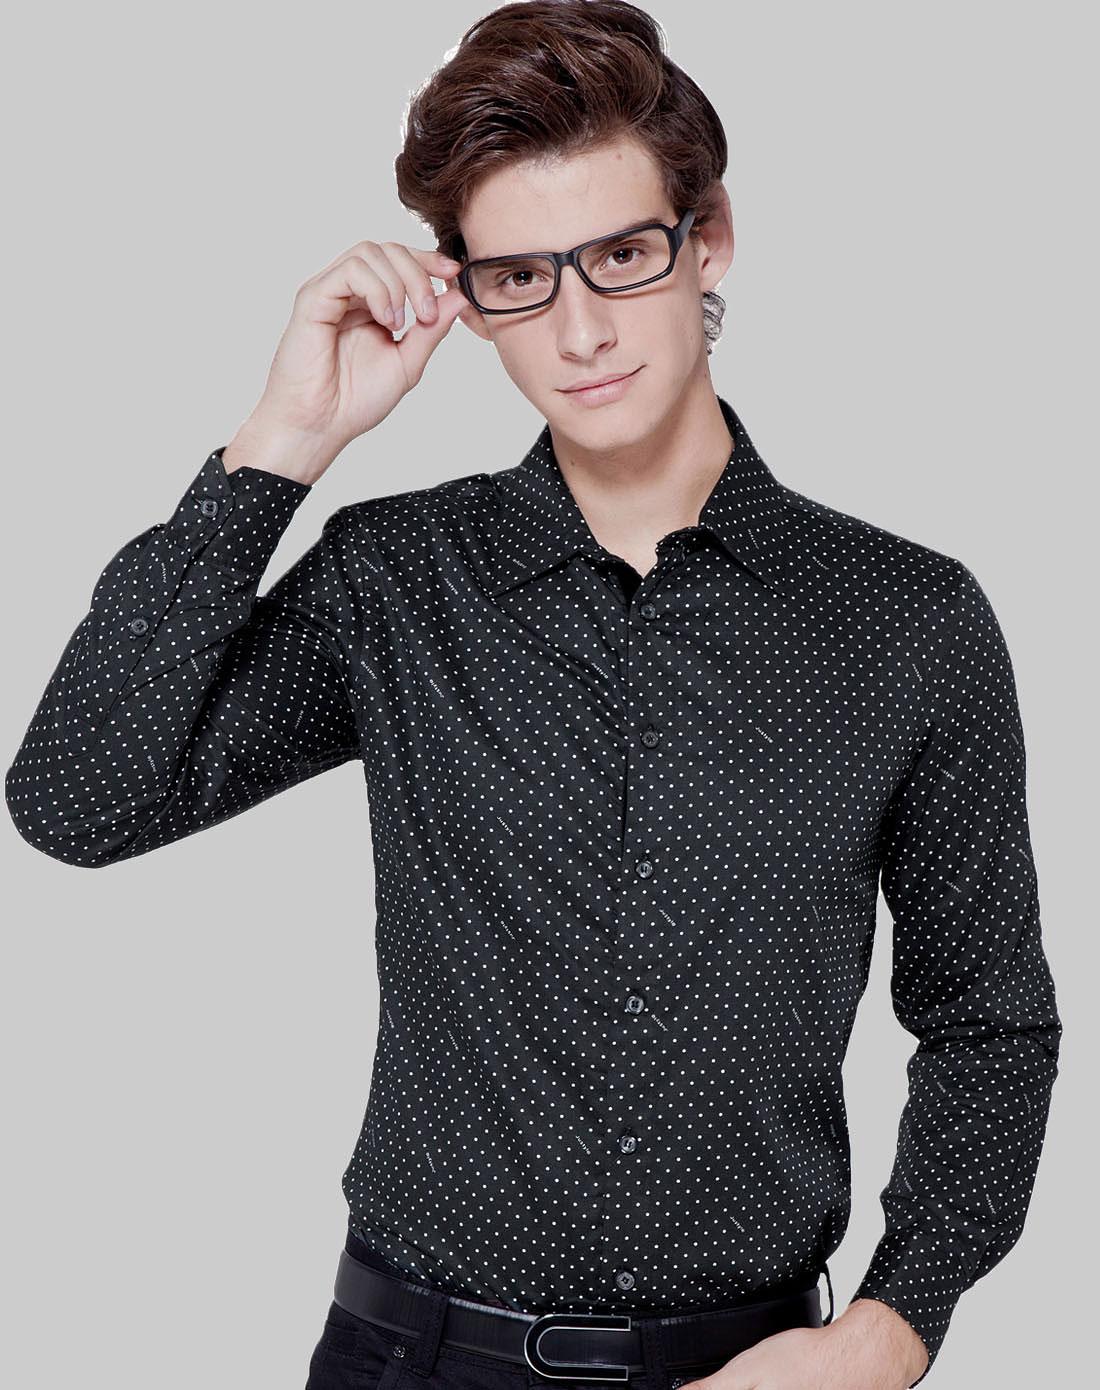 简时尚品justyle_简时尚品justyle男装专场-黑/白色时尚点点长袖衬衫